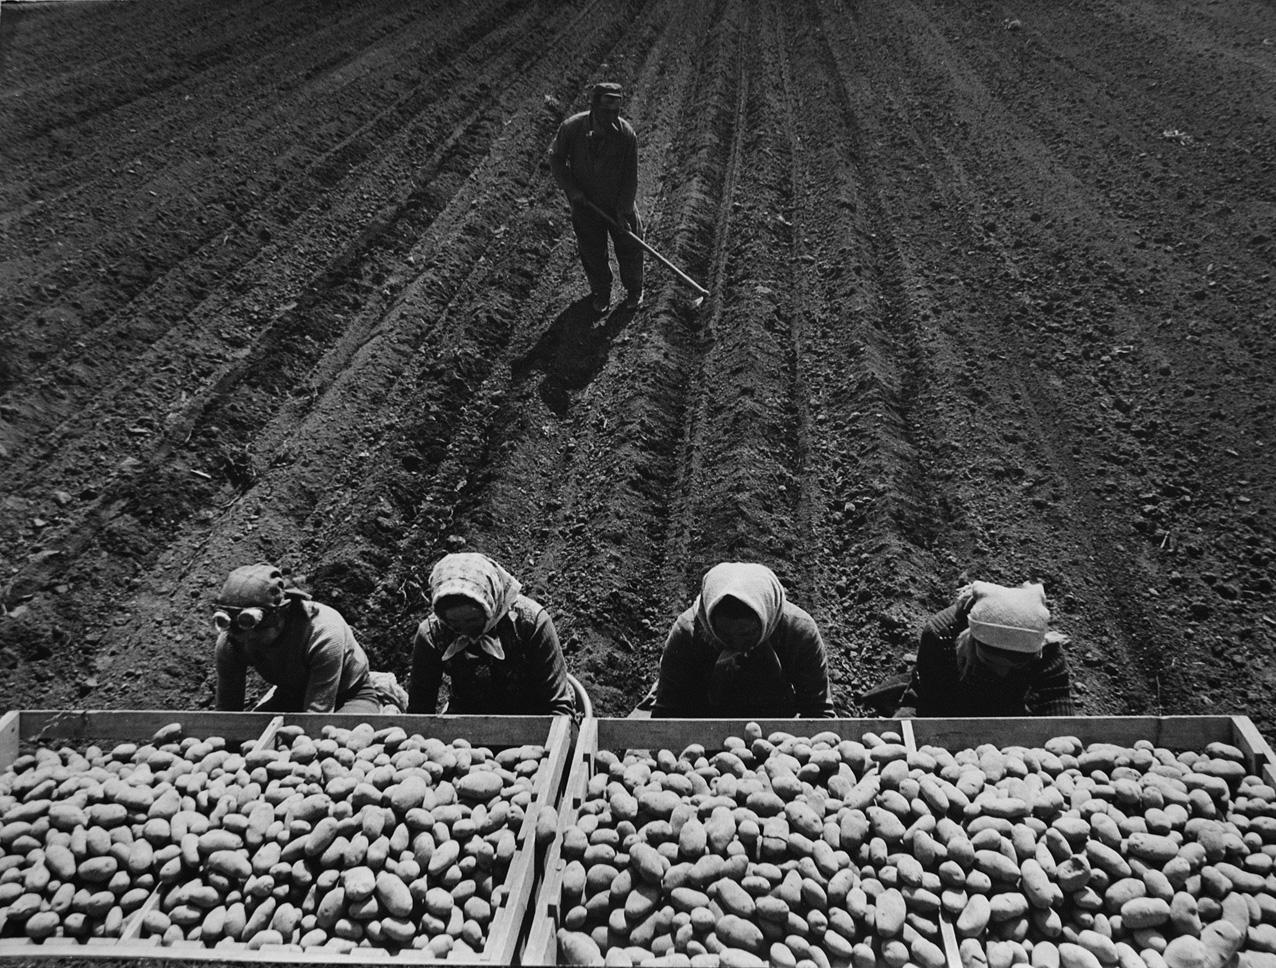 Fotó: Lazukics Anna: Krumpliültetés, Dunagálos, Vajdaság, Bácska, 1976